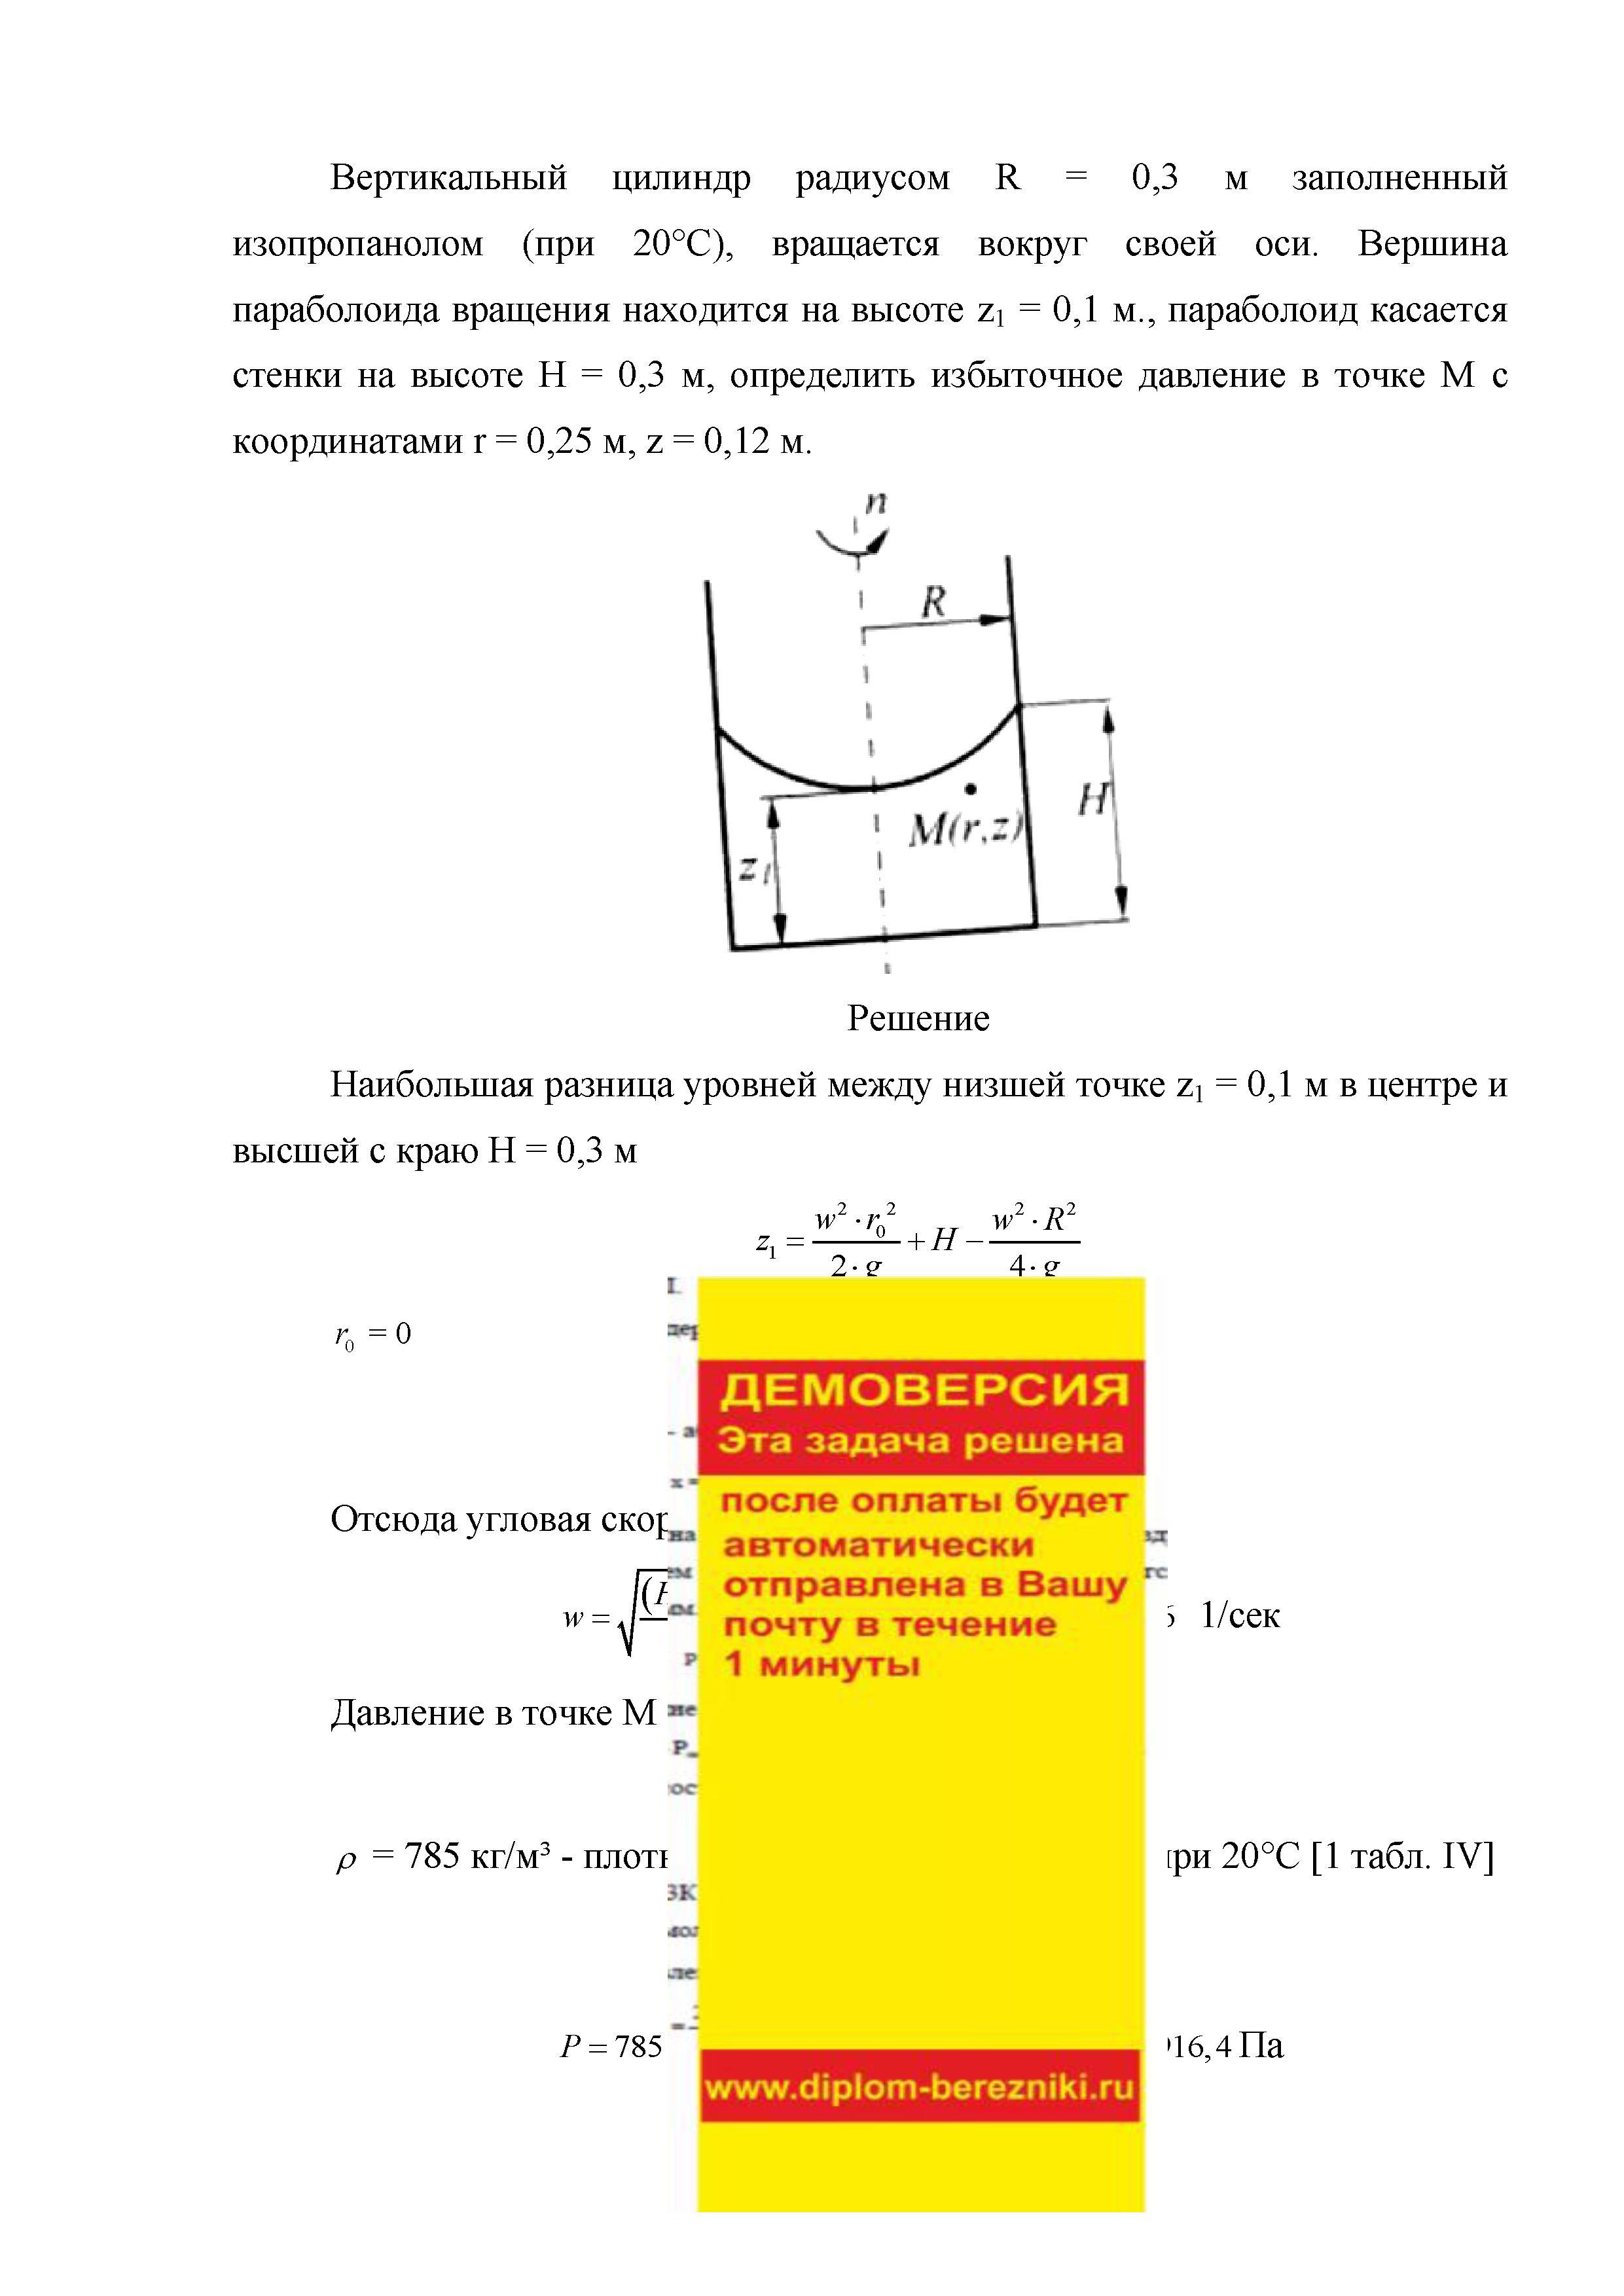 Вертикальный цилиндр радиусом R=0,3 м заполненный изопропанолом при 20 вращается вокруг своей оси. Вершина параболоида вращения находится на высоте z1 = 0,1 м